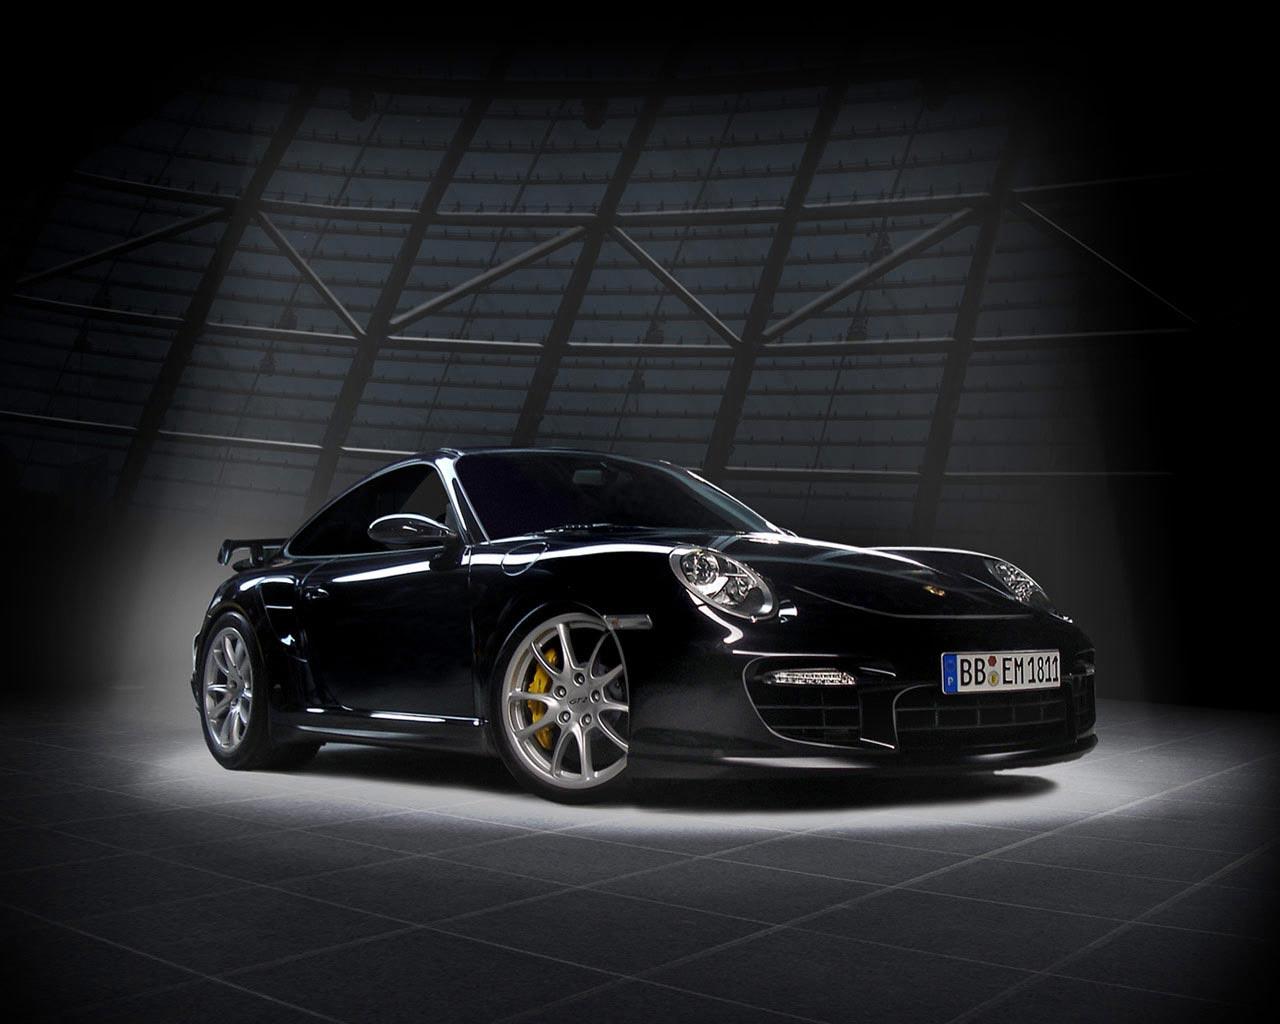 http://2.bp.blogspot.com/-LG4Y_jk6Avw/TdwUd5ERf4I/AAAAAAAAAIs/8zaD7ELbggQ/s1600/wallpapers-filmes-carros-1280.jpg